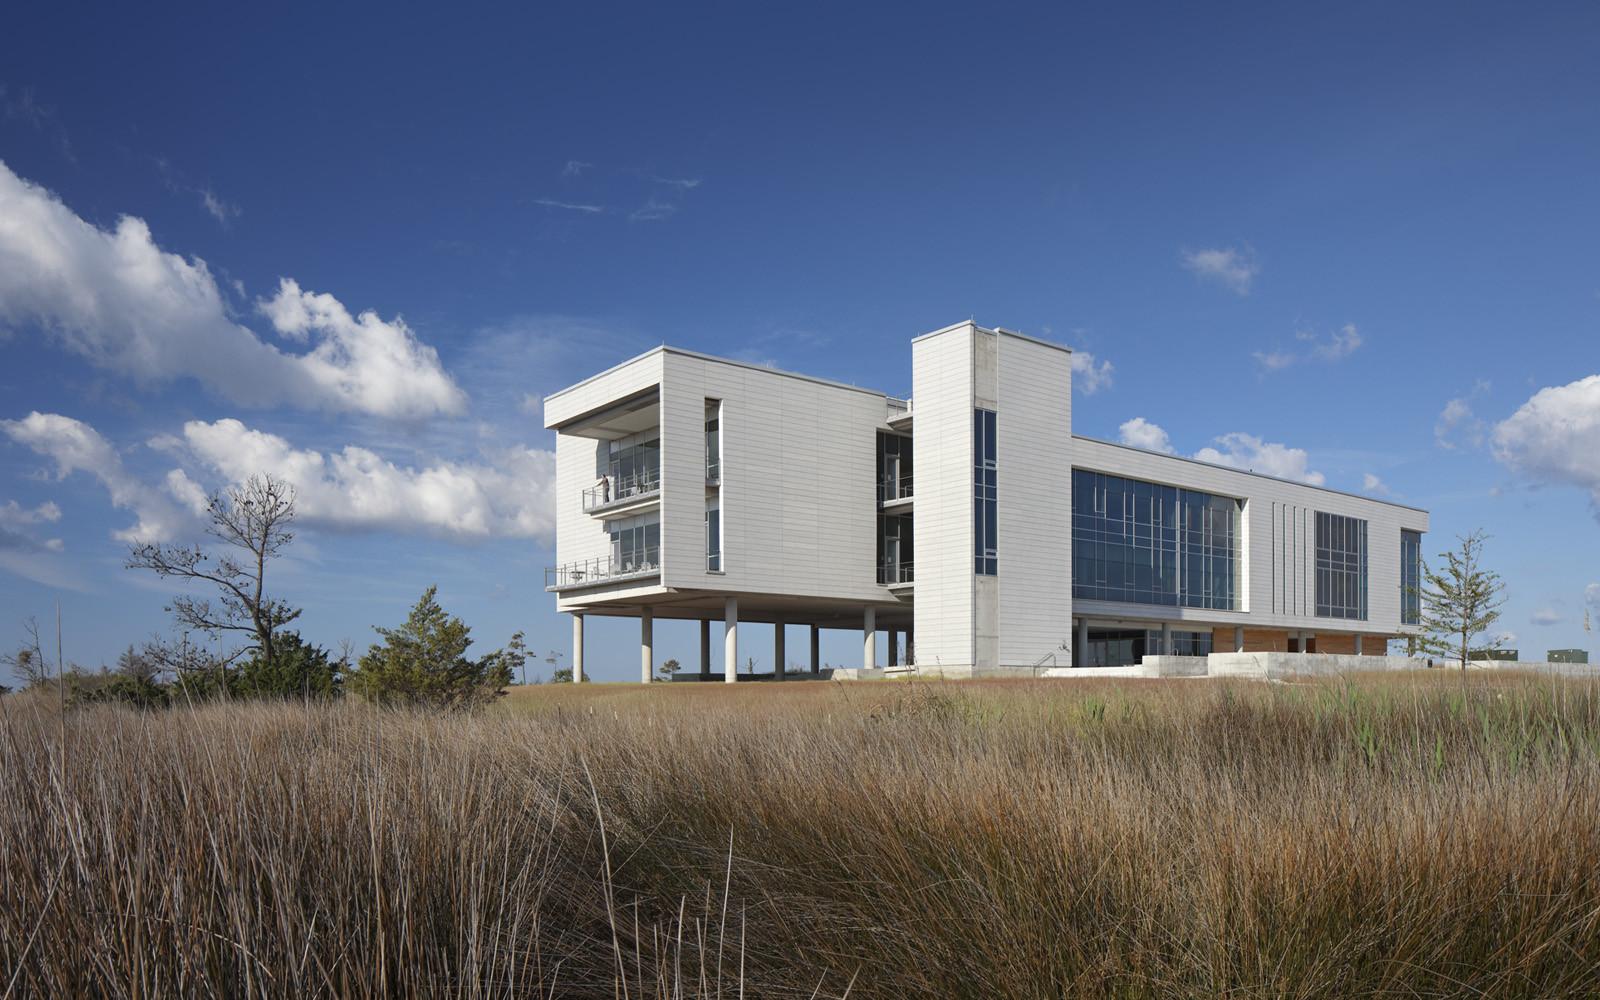 Instituto de Estudios Costeros UNC / Clark Nexsen, © Mark Herboth